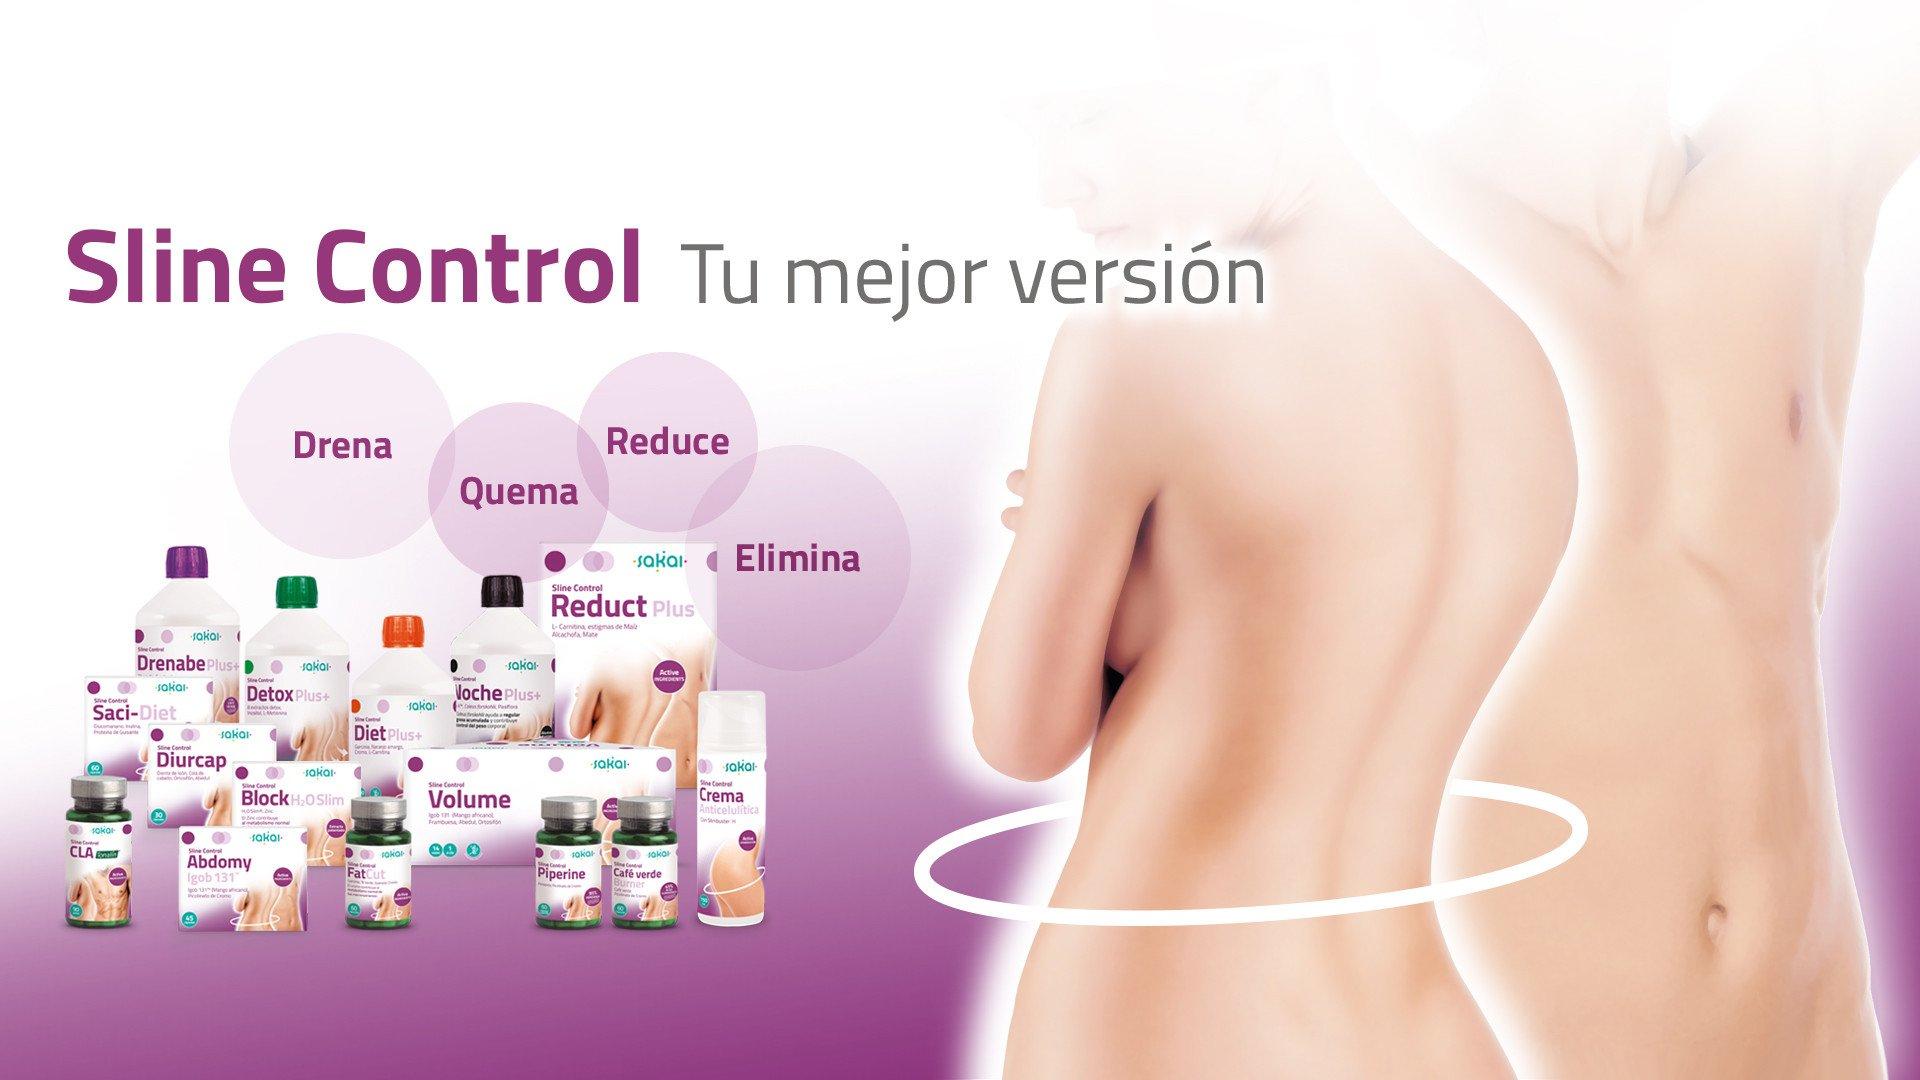 Sline Control -Tu mejor versión, eficaz para el control de la línea